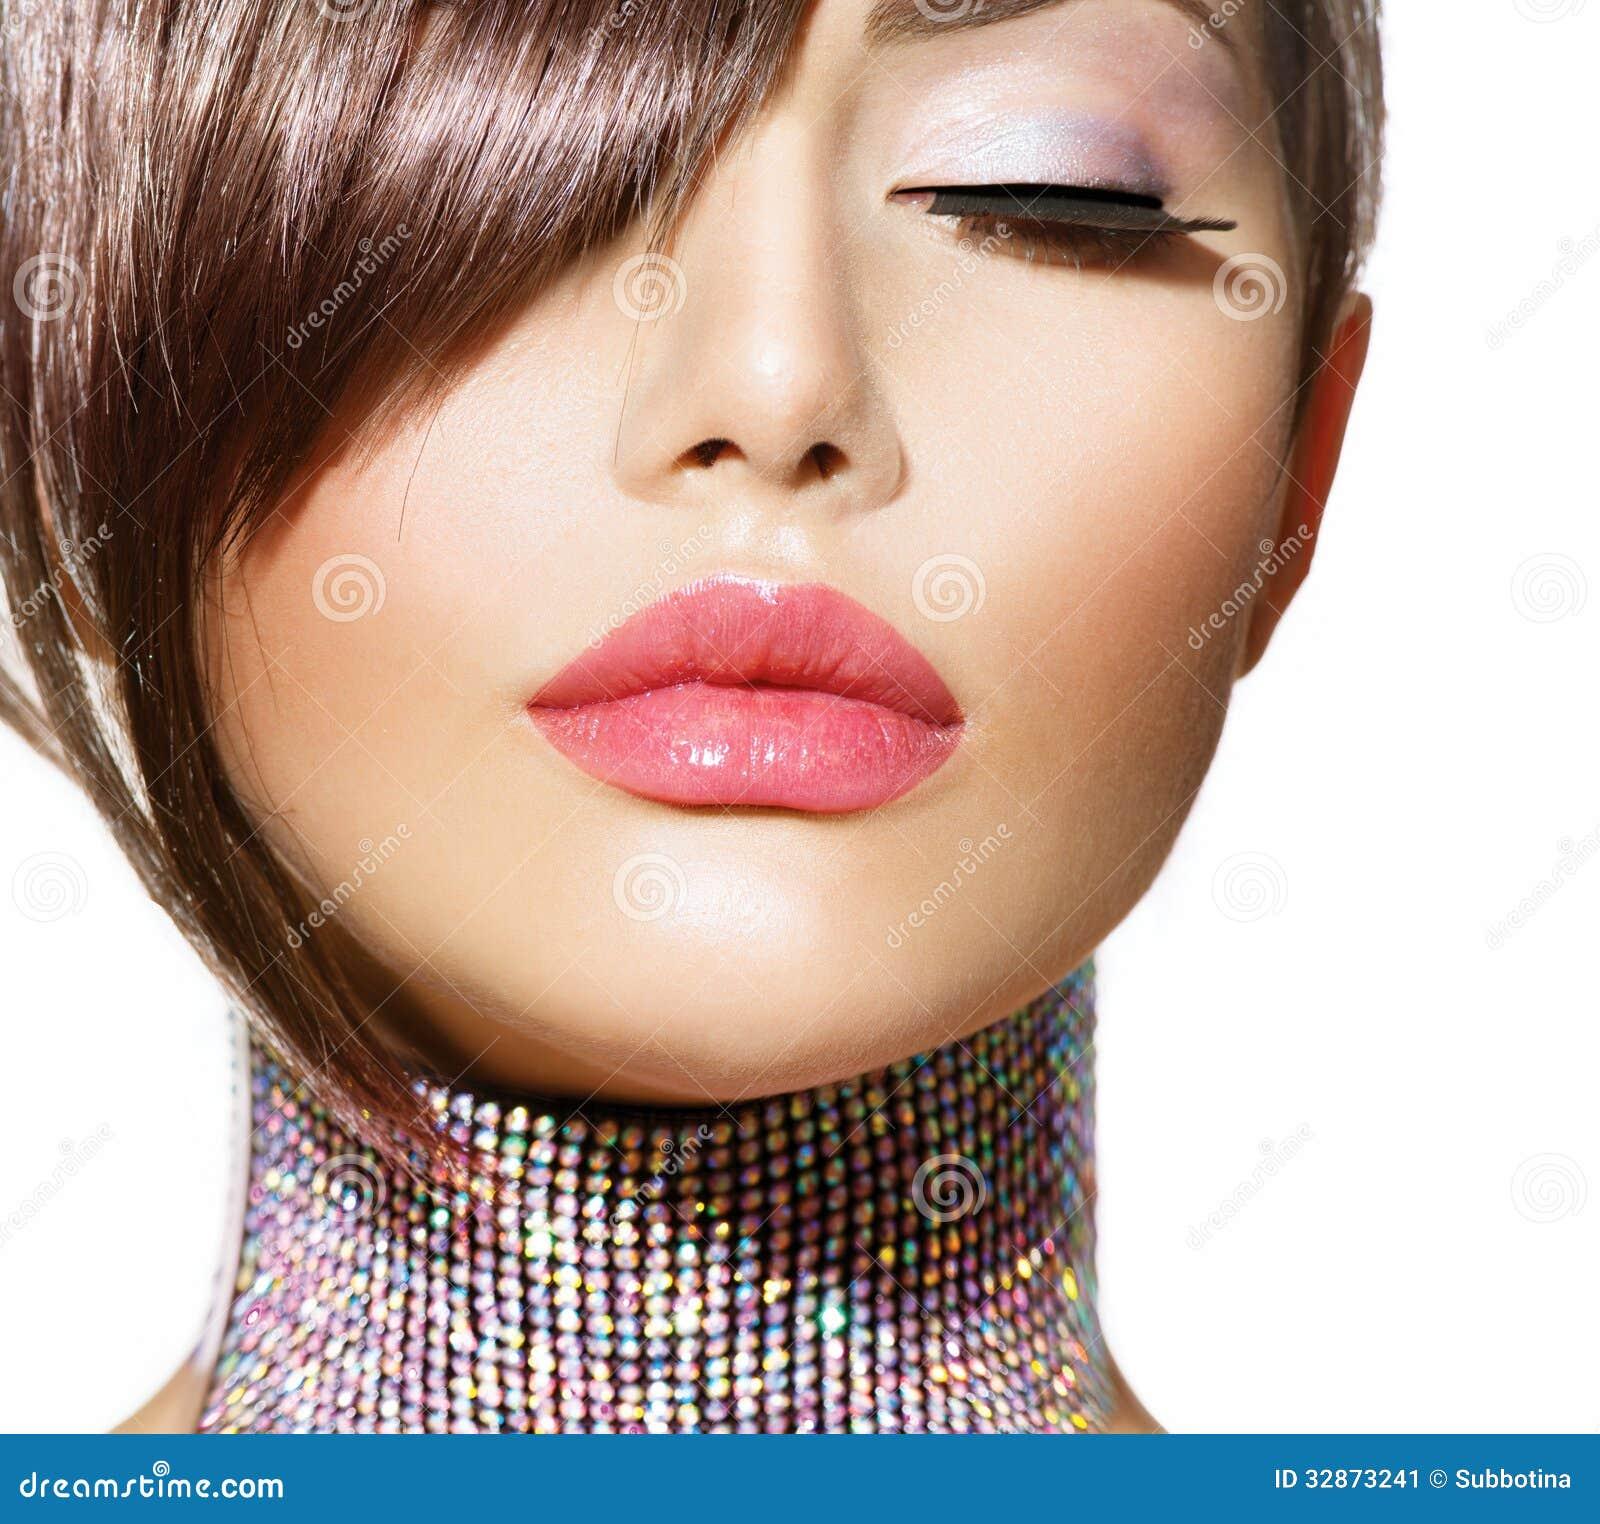 Peinado. Belleza Girl modelo